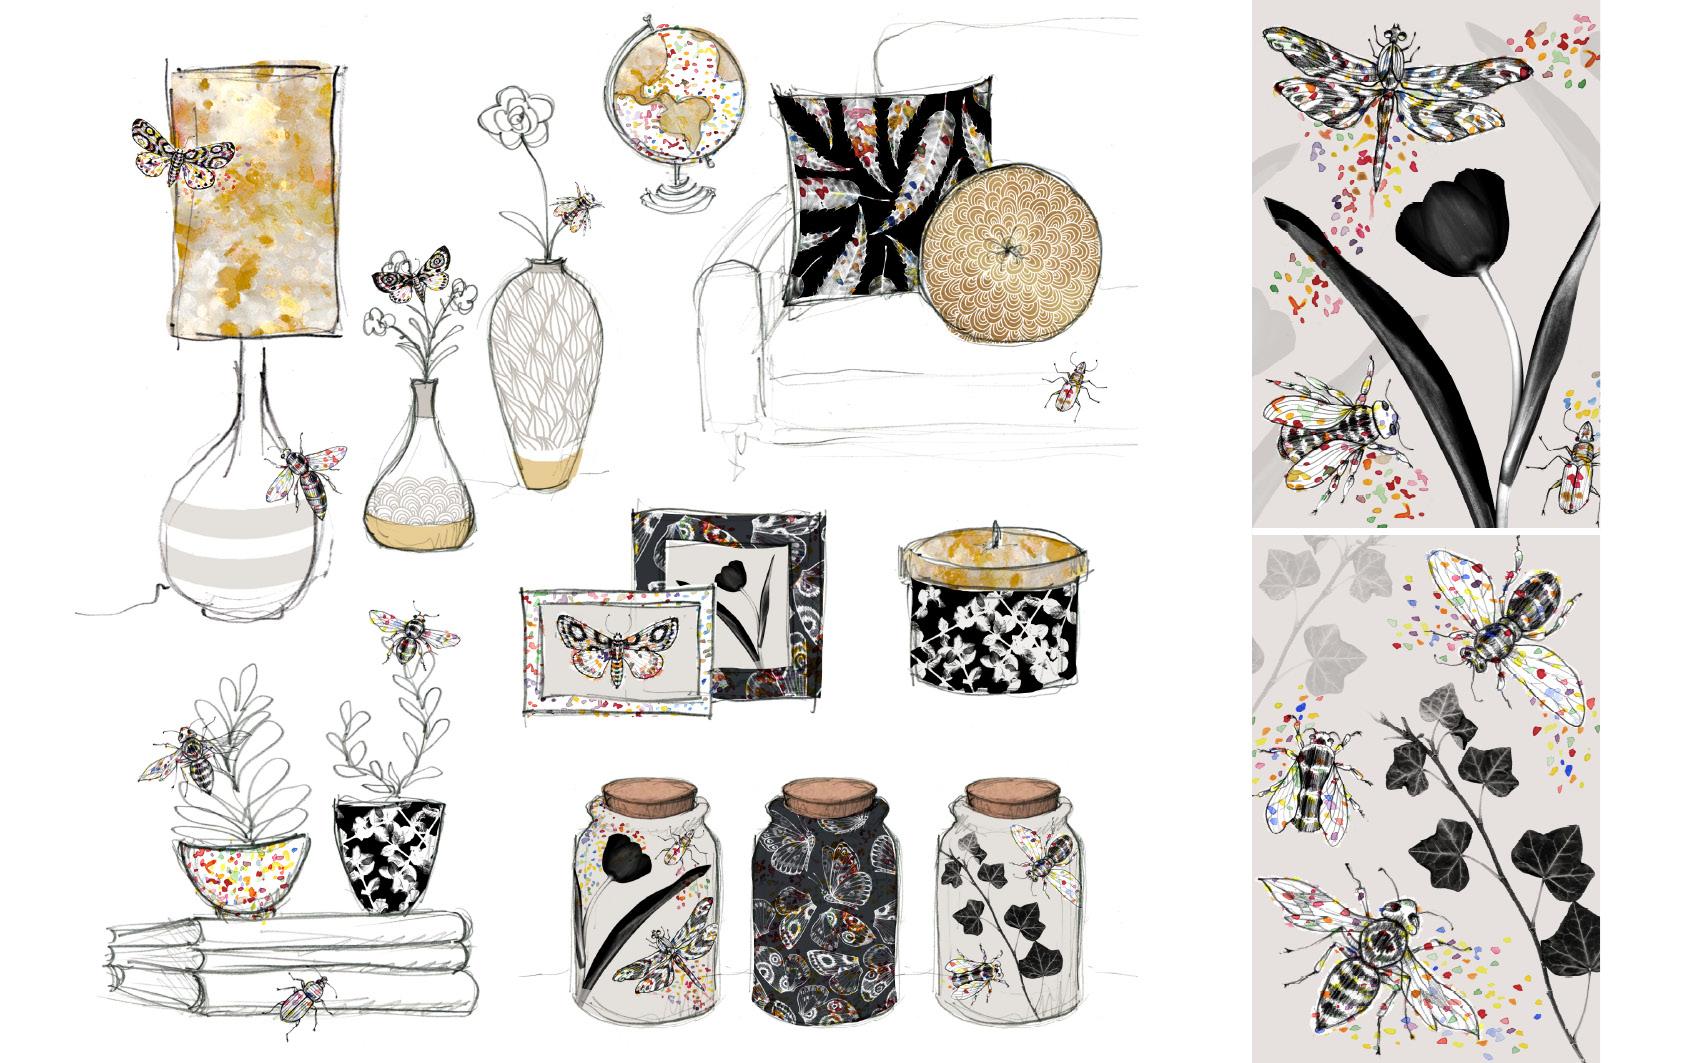 SusanneKasielke-collections-047.jpg